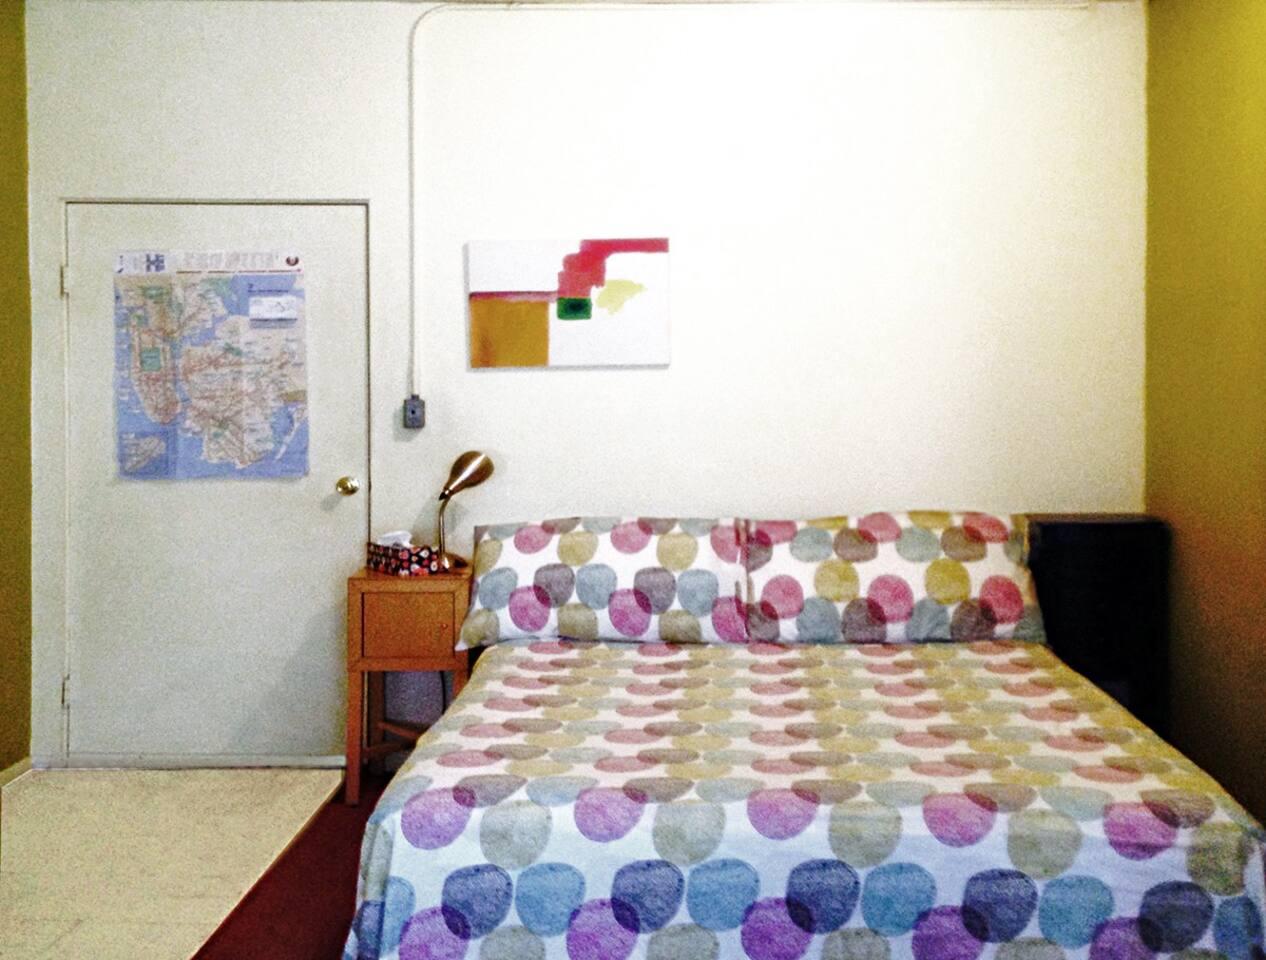 ROOM:  Queen size bed.  View towards door from windows in room.